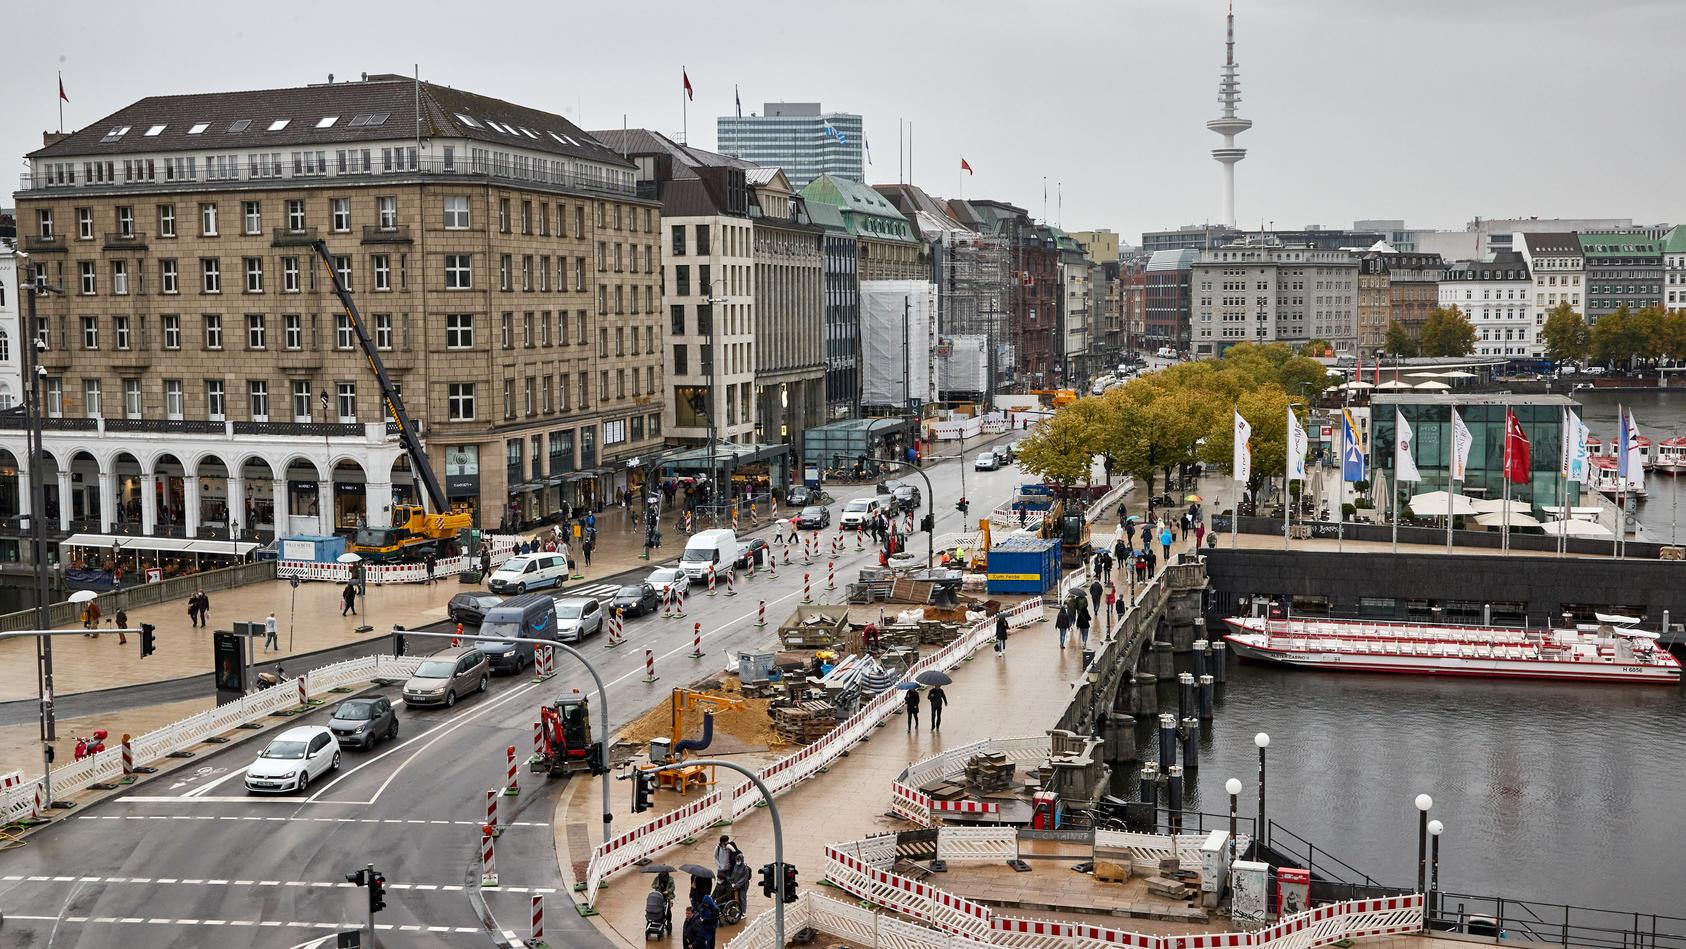 Umbaubeginn des Jungfernstiegs zur autofreien Zone